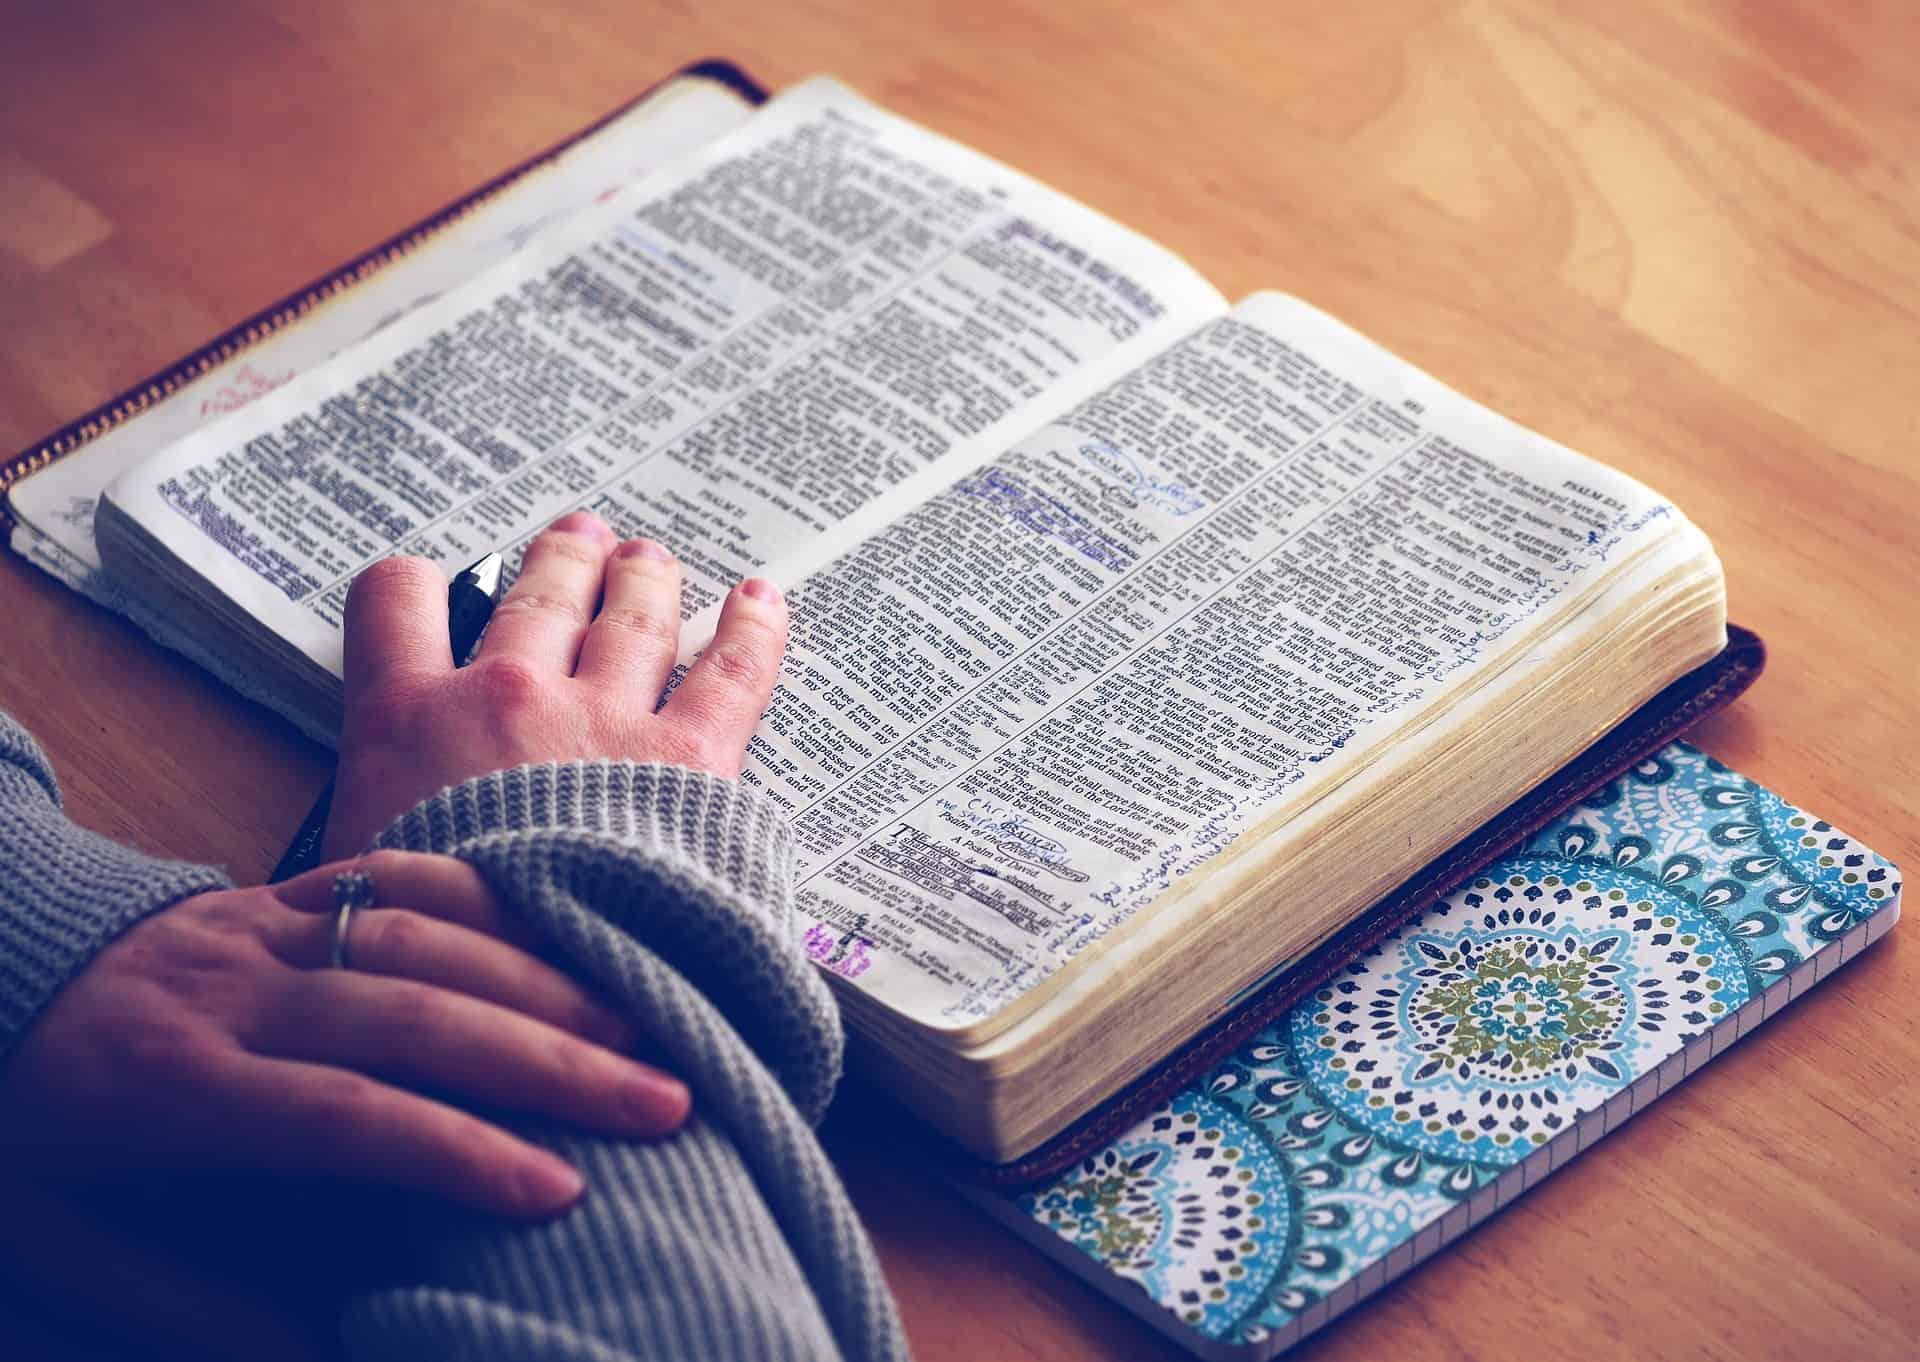 Biblia de estudio: ¿Cuál es la mejor del 2020?